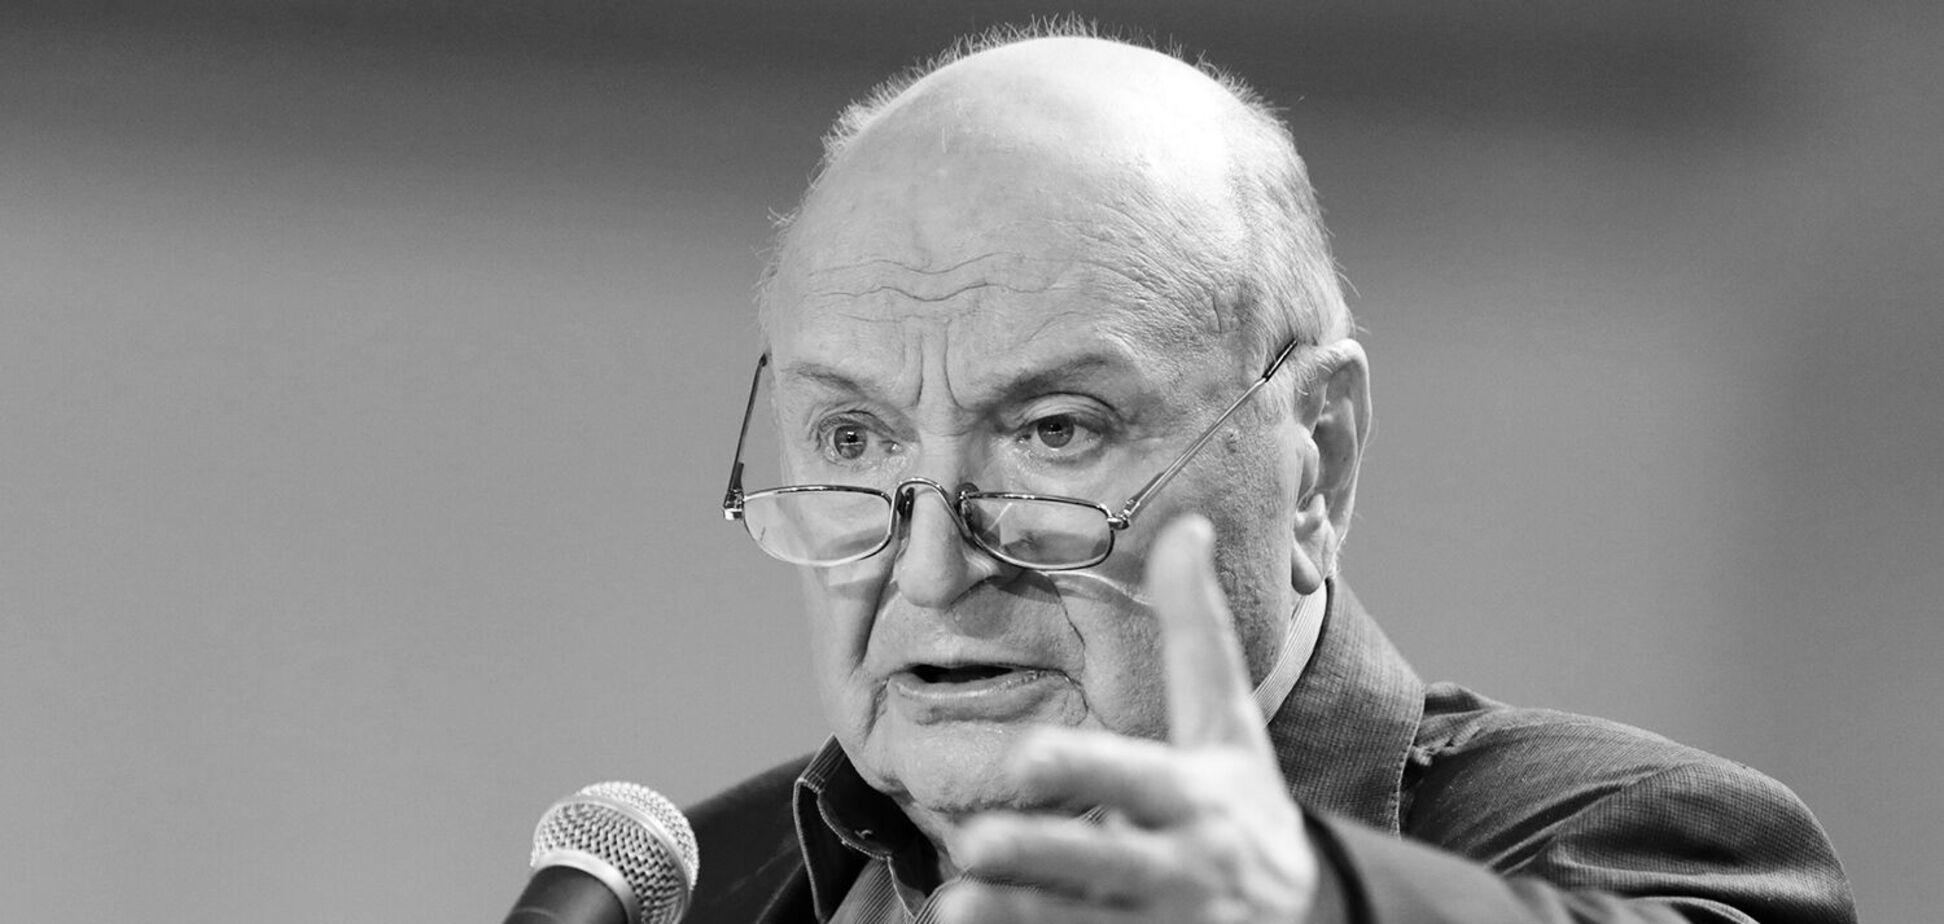 Михайло Жванецький залишив багату спадщину після смерті